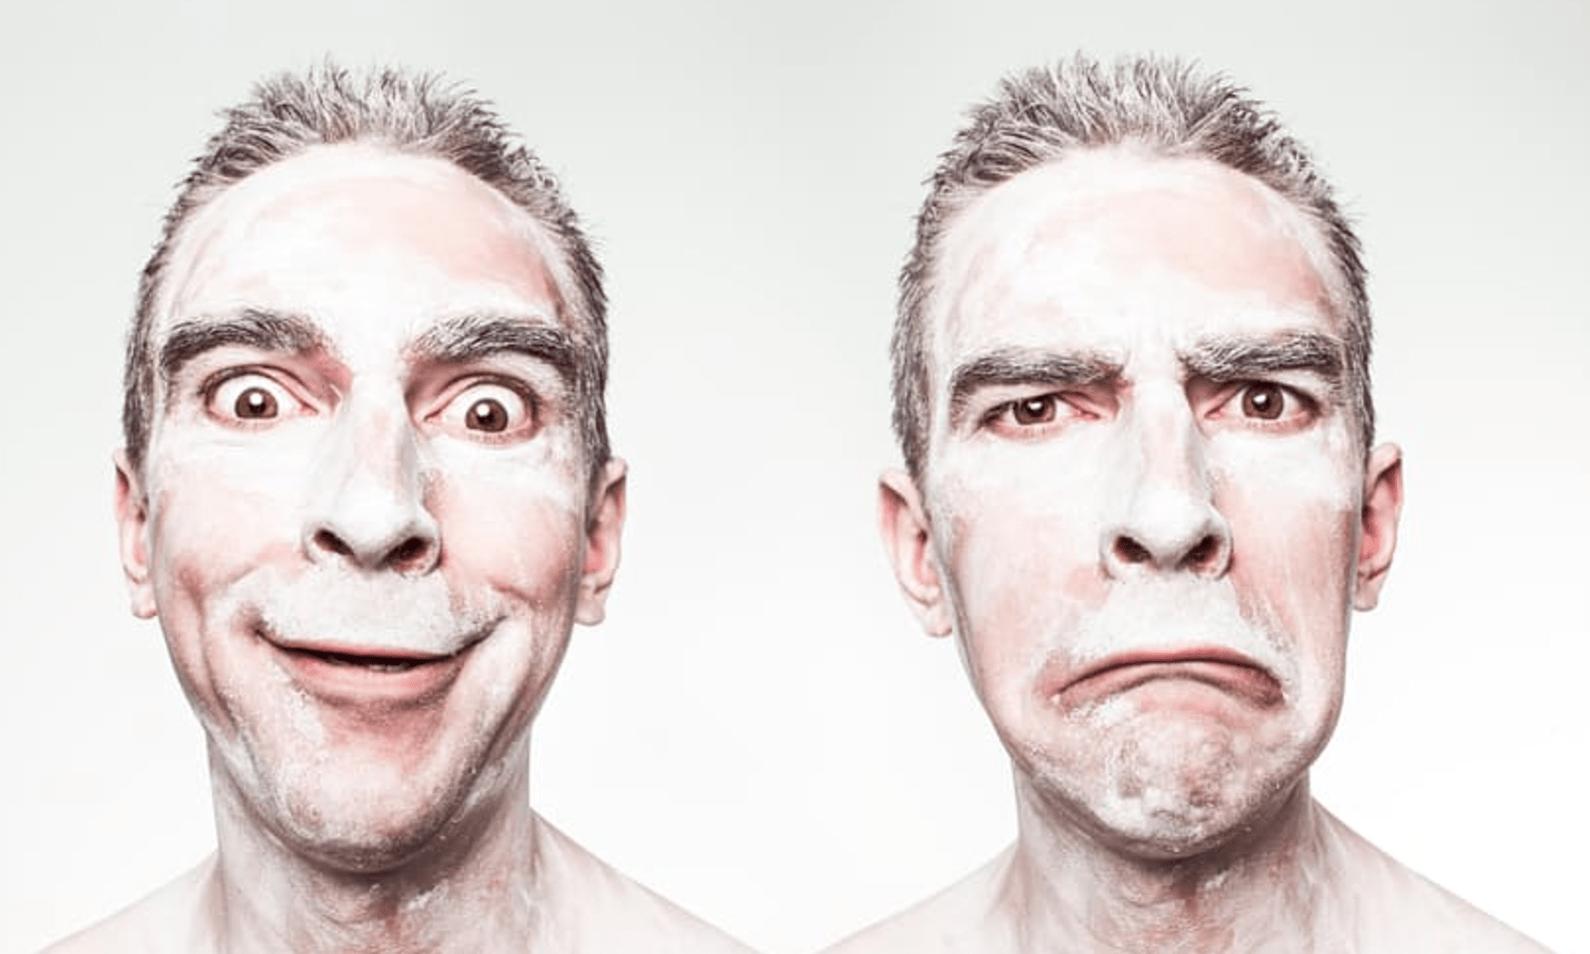 Aprende a separar la ansiedad de otras emociones